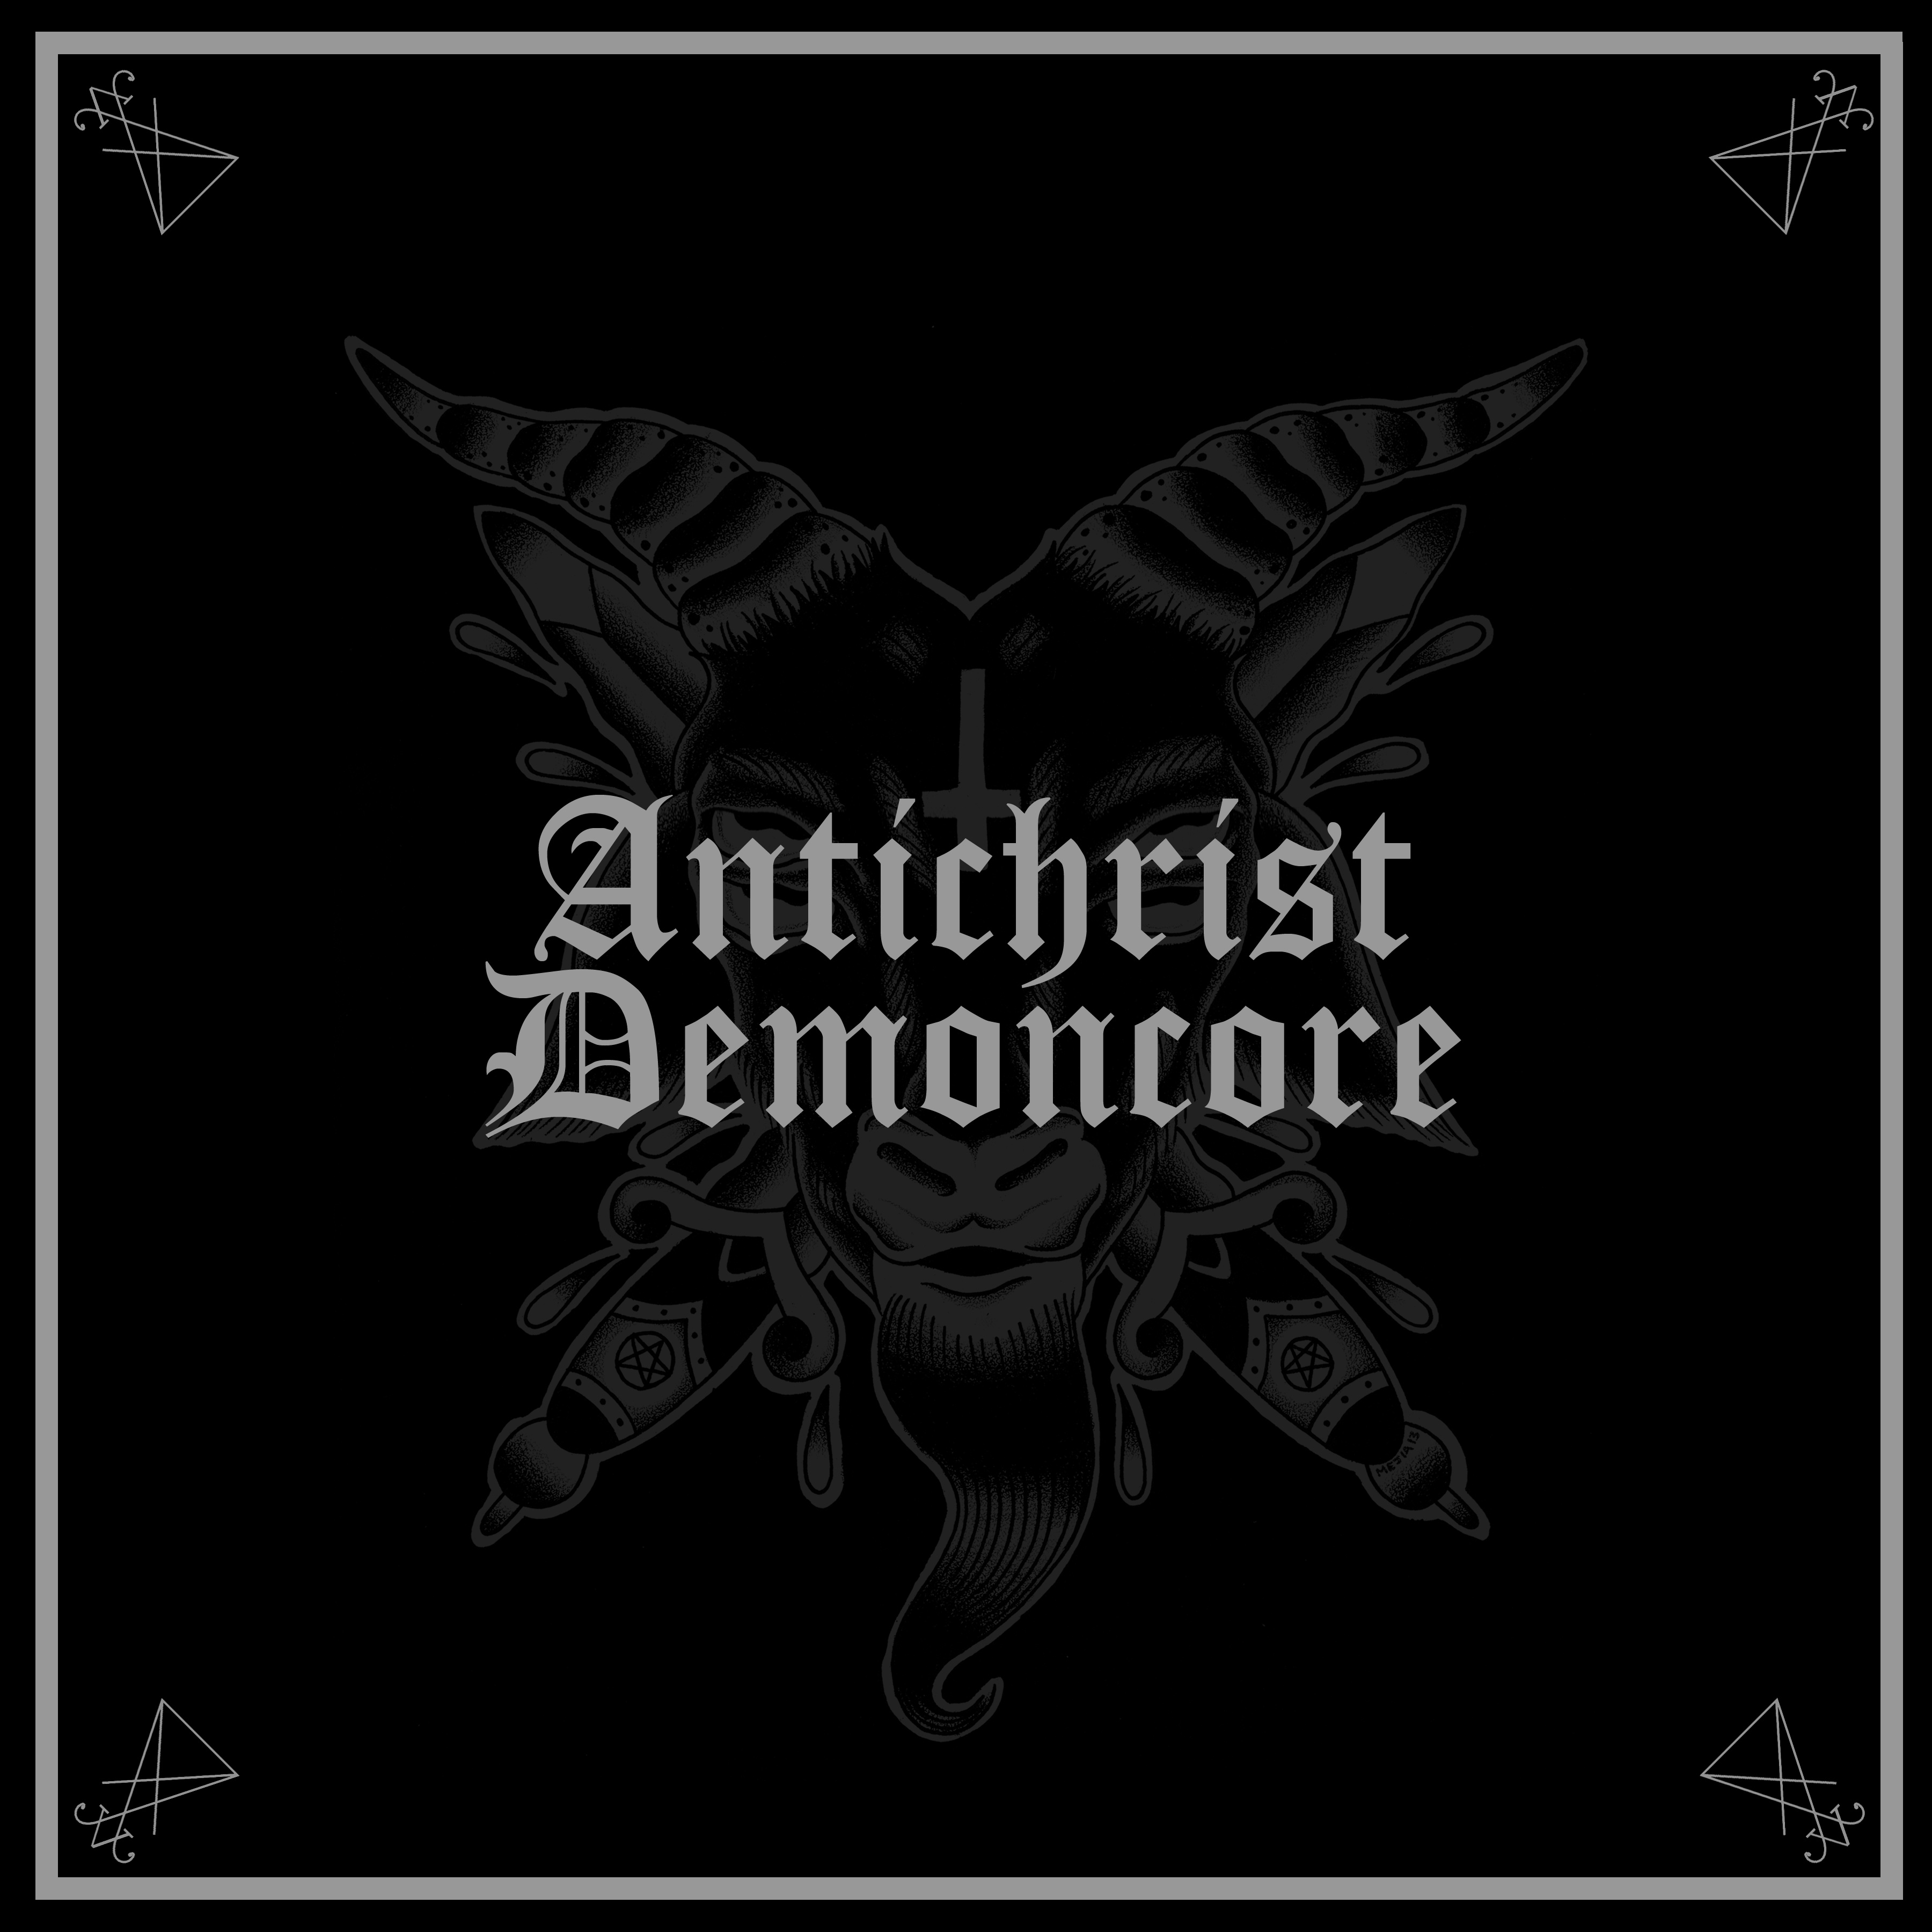 antichrist-demoncore